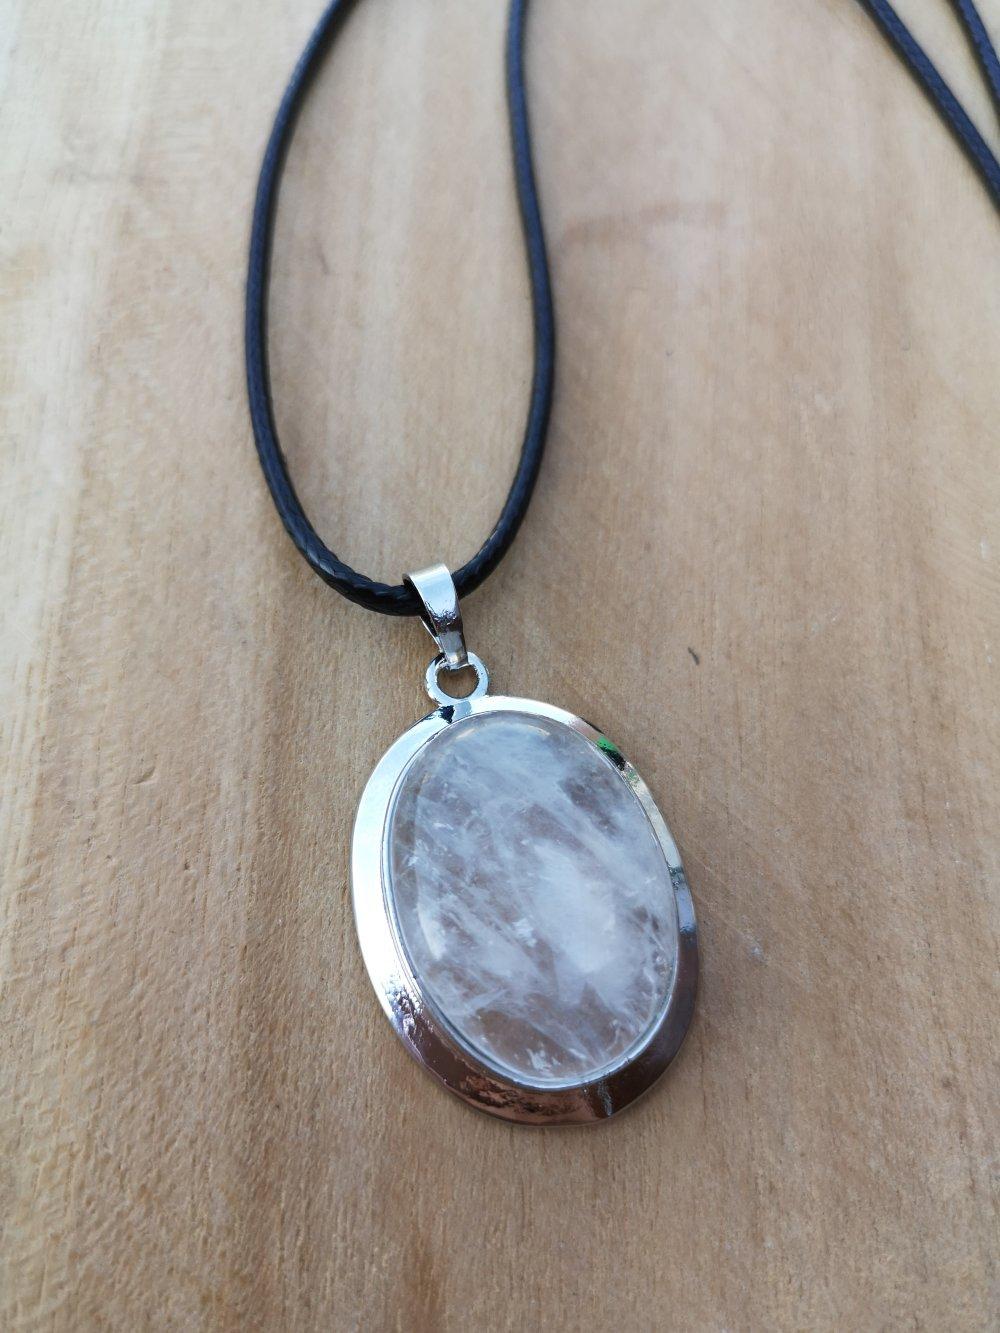 """collier, pendentif cabochon ovale en pierre naturelle, en """"cristal de roche"""" sur cordon noir"""